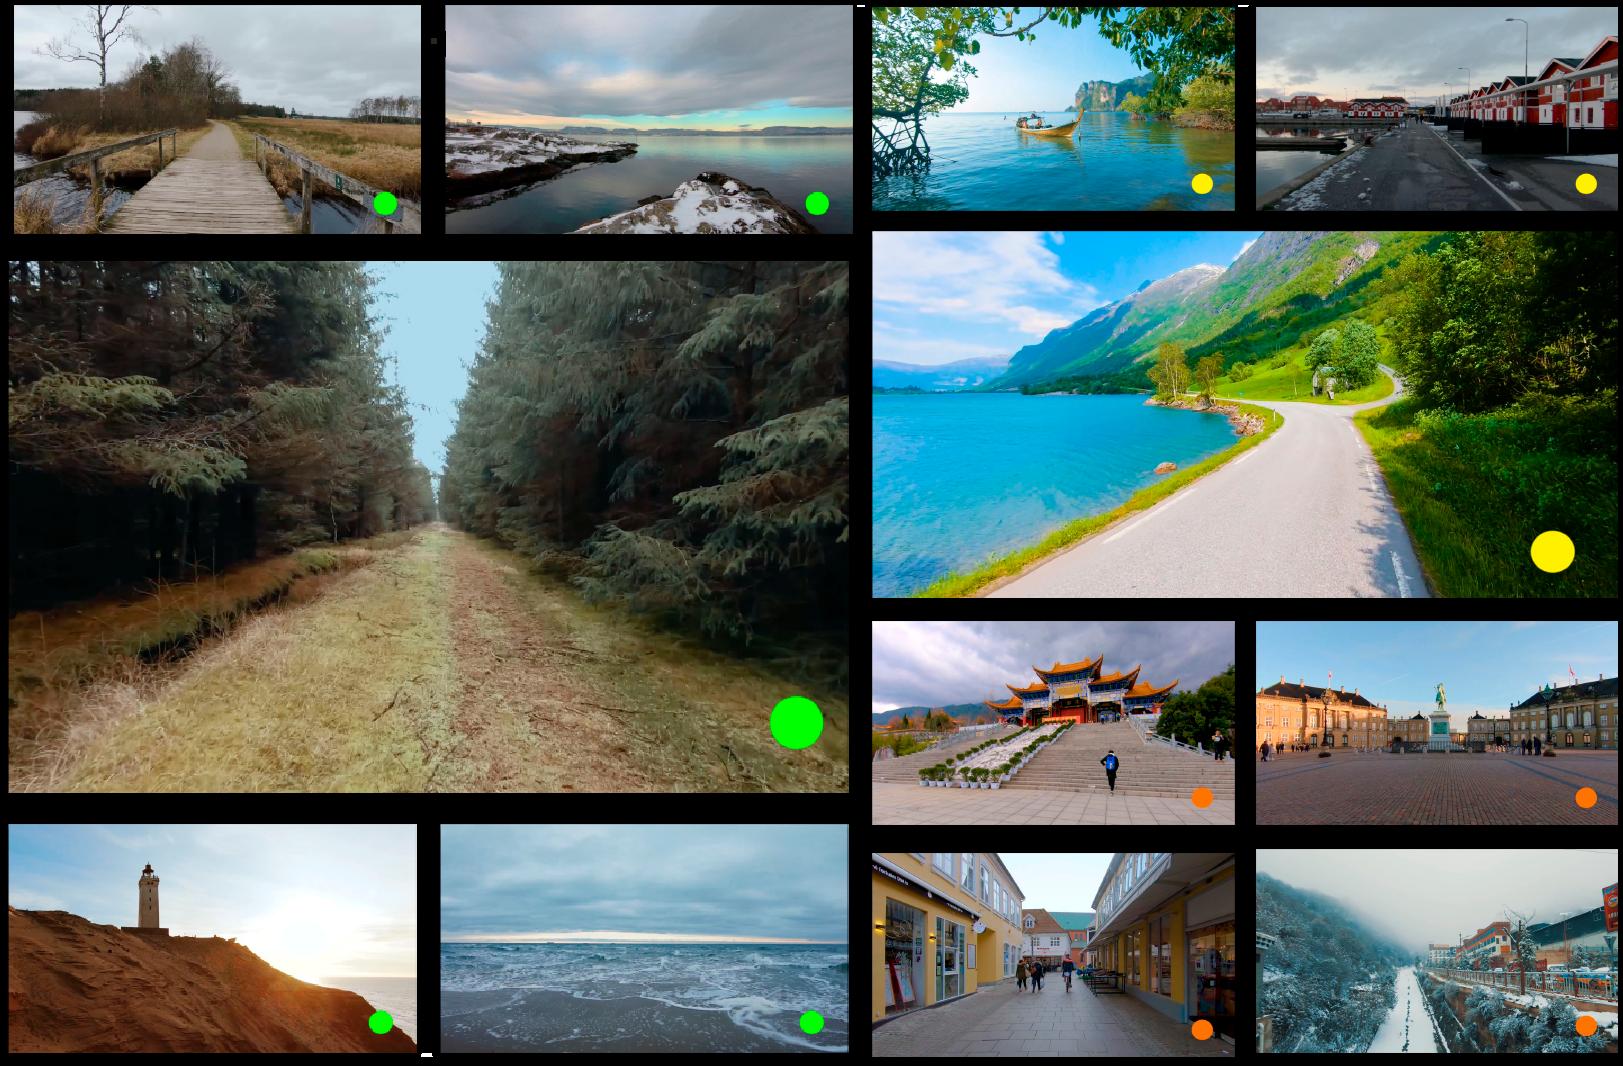 Nye videoer hver uge - Hver uge kommer helt nye videoer fra hele verden direkte til din stue!